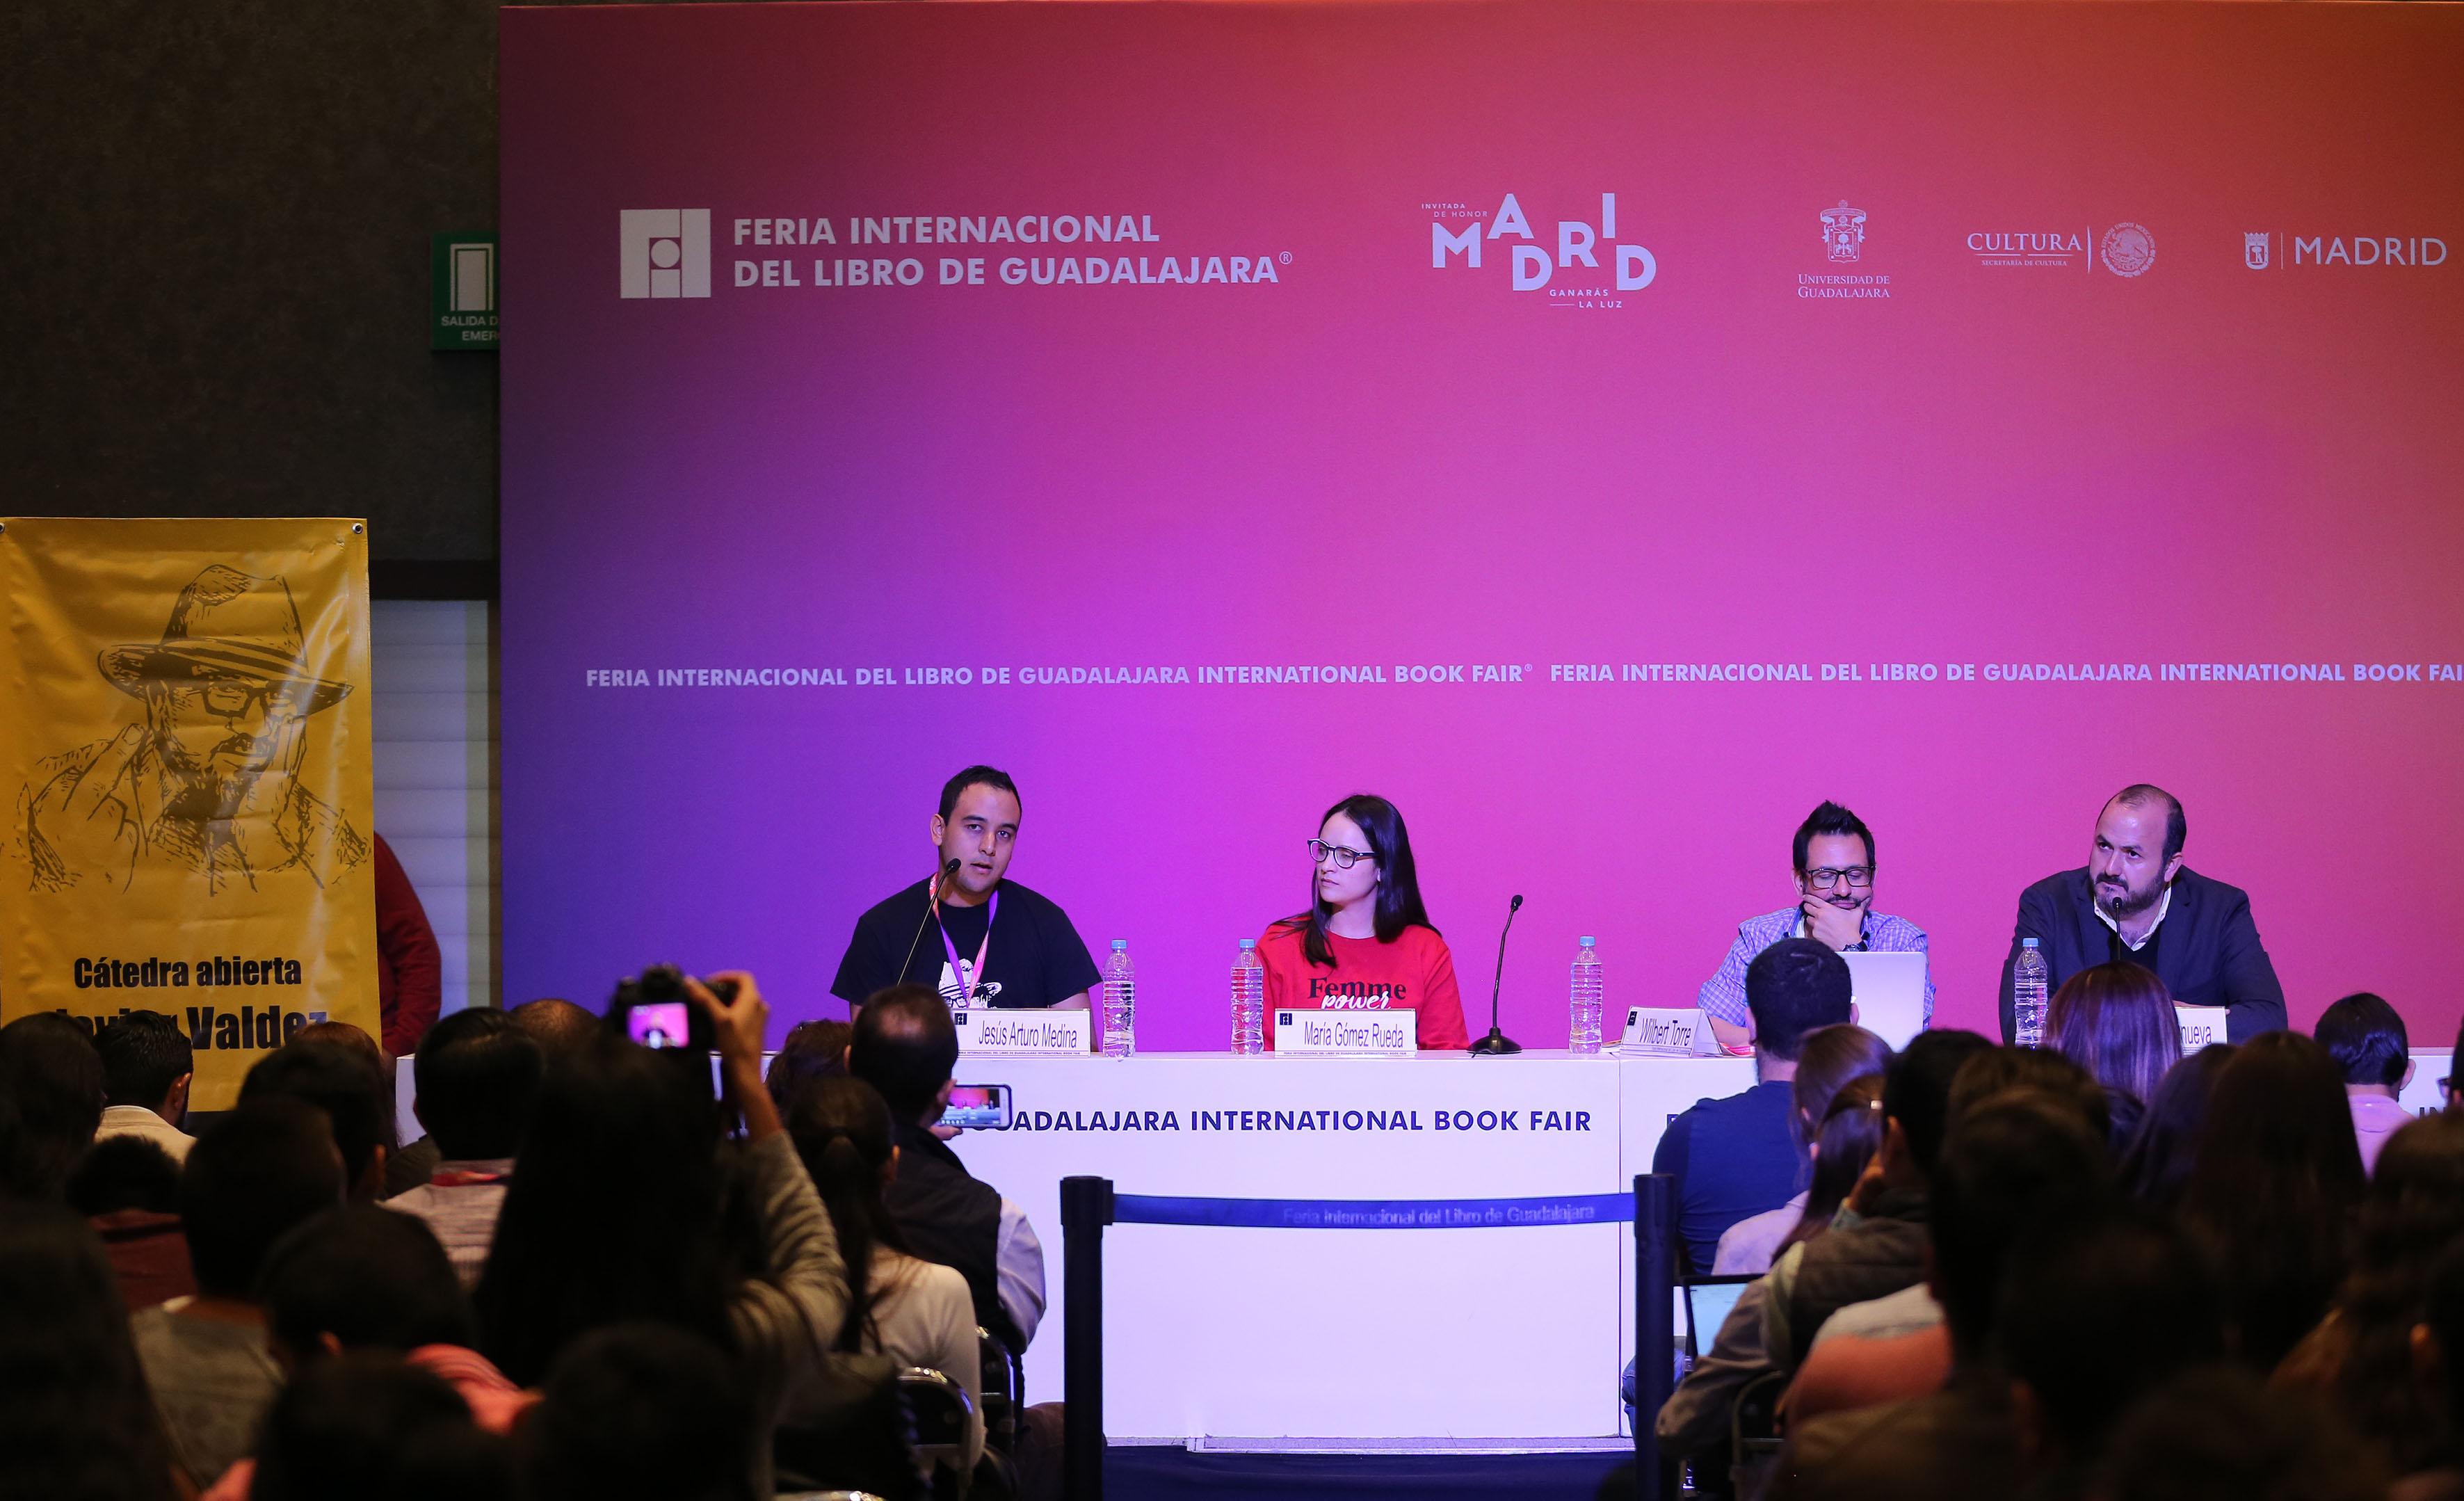 Presidente de la FEU, Jesús Medina Varela, haciendo uso de la palabra, durante Cátedra Abierta que reconoce a periodistas caídos en este sexenio.